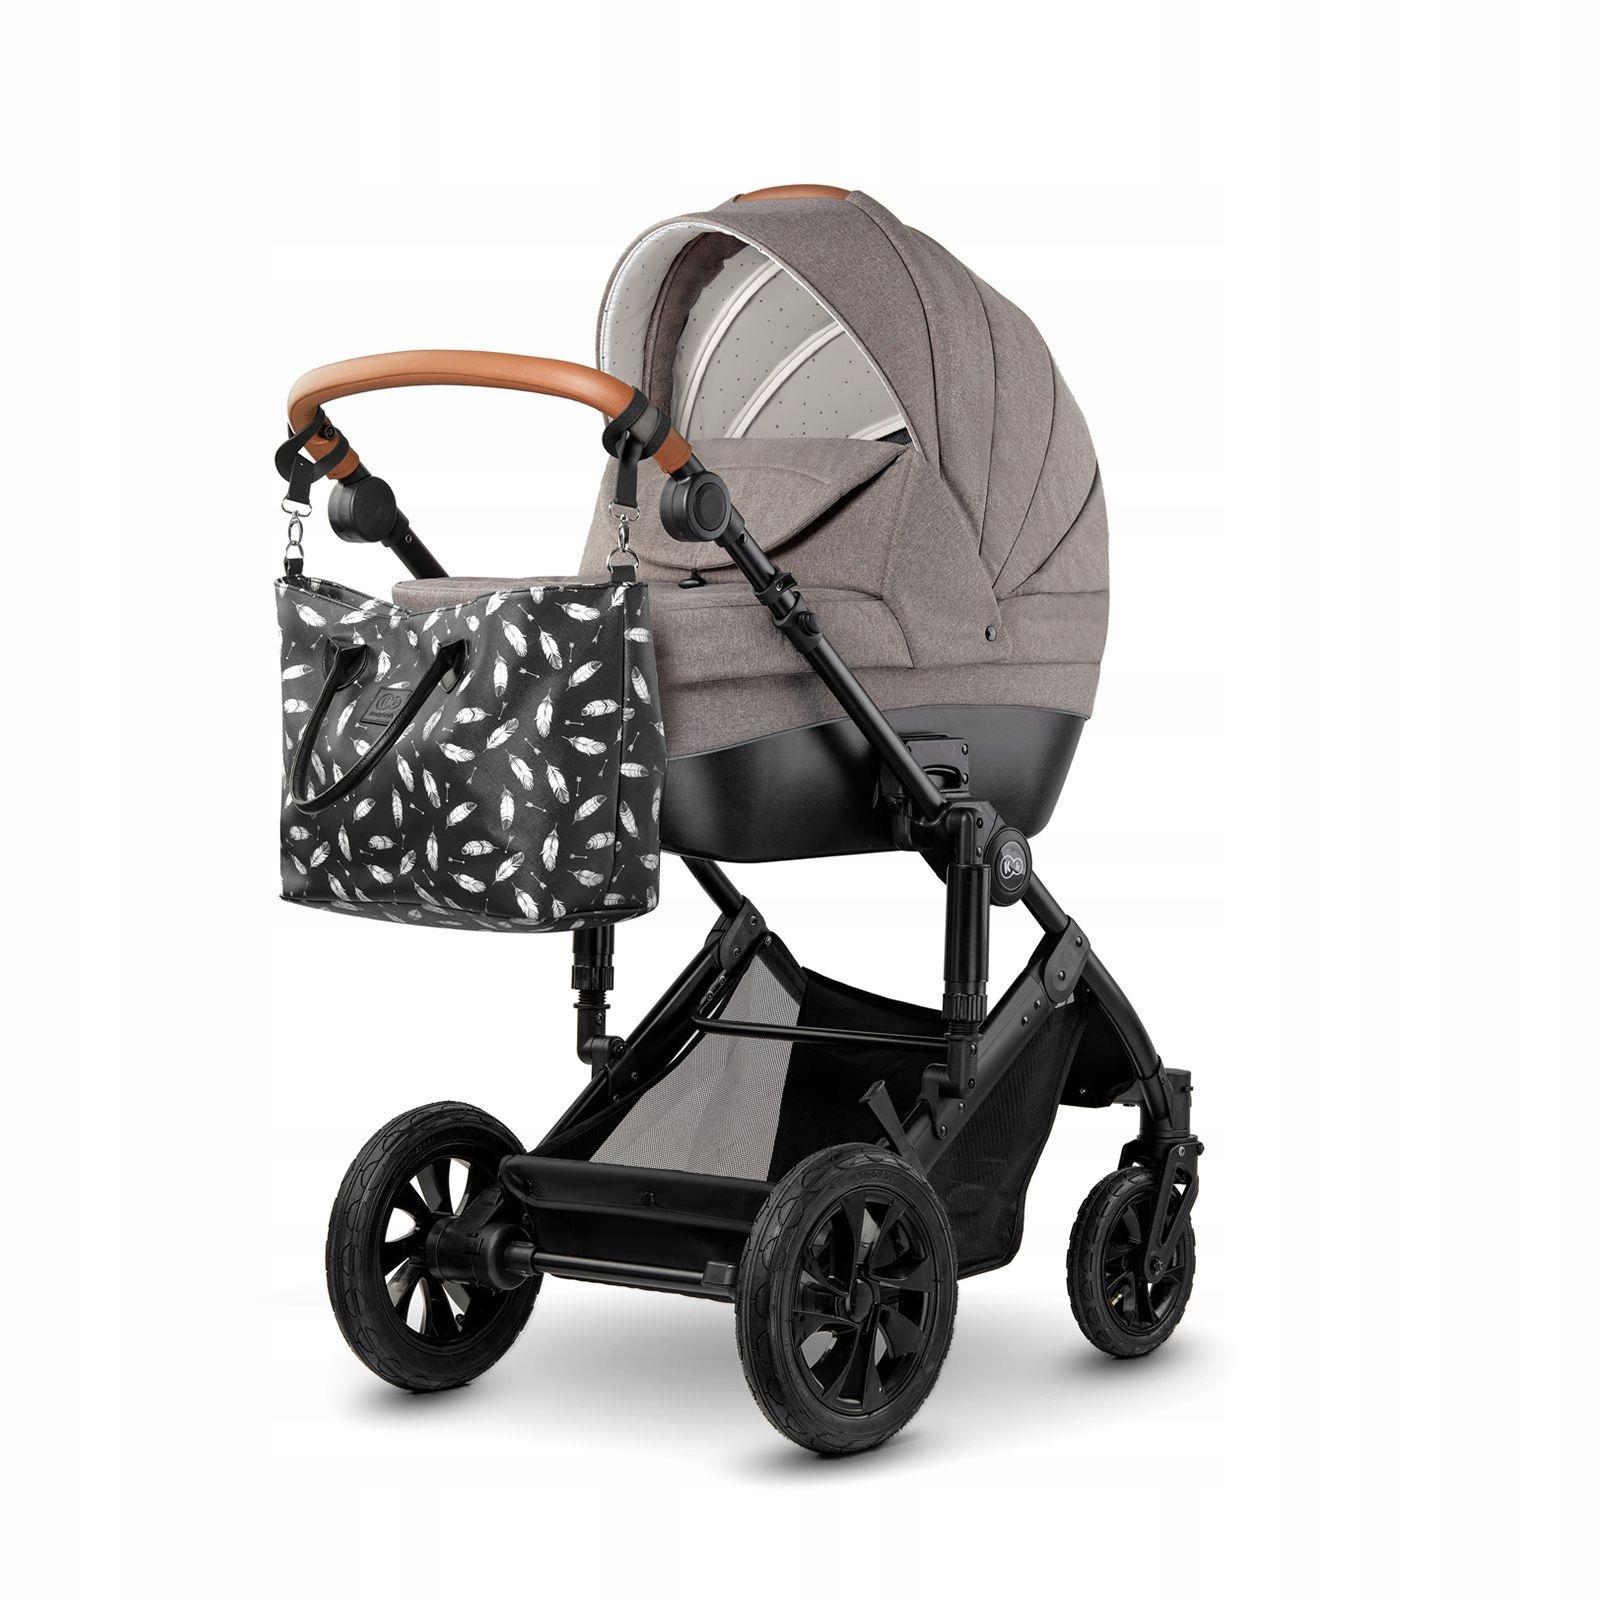 Wózek dzieciecy KINDERKRAFT PRIME 2w1 + TORBA Marka Kinderkraft